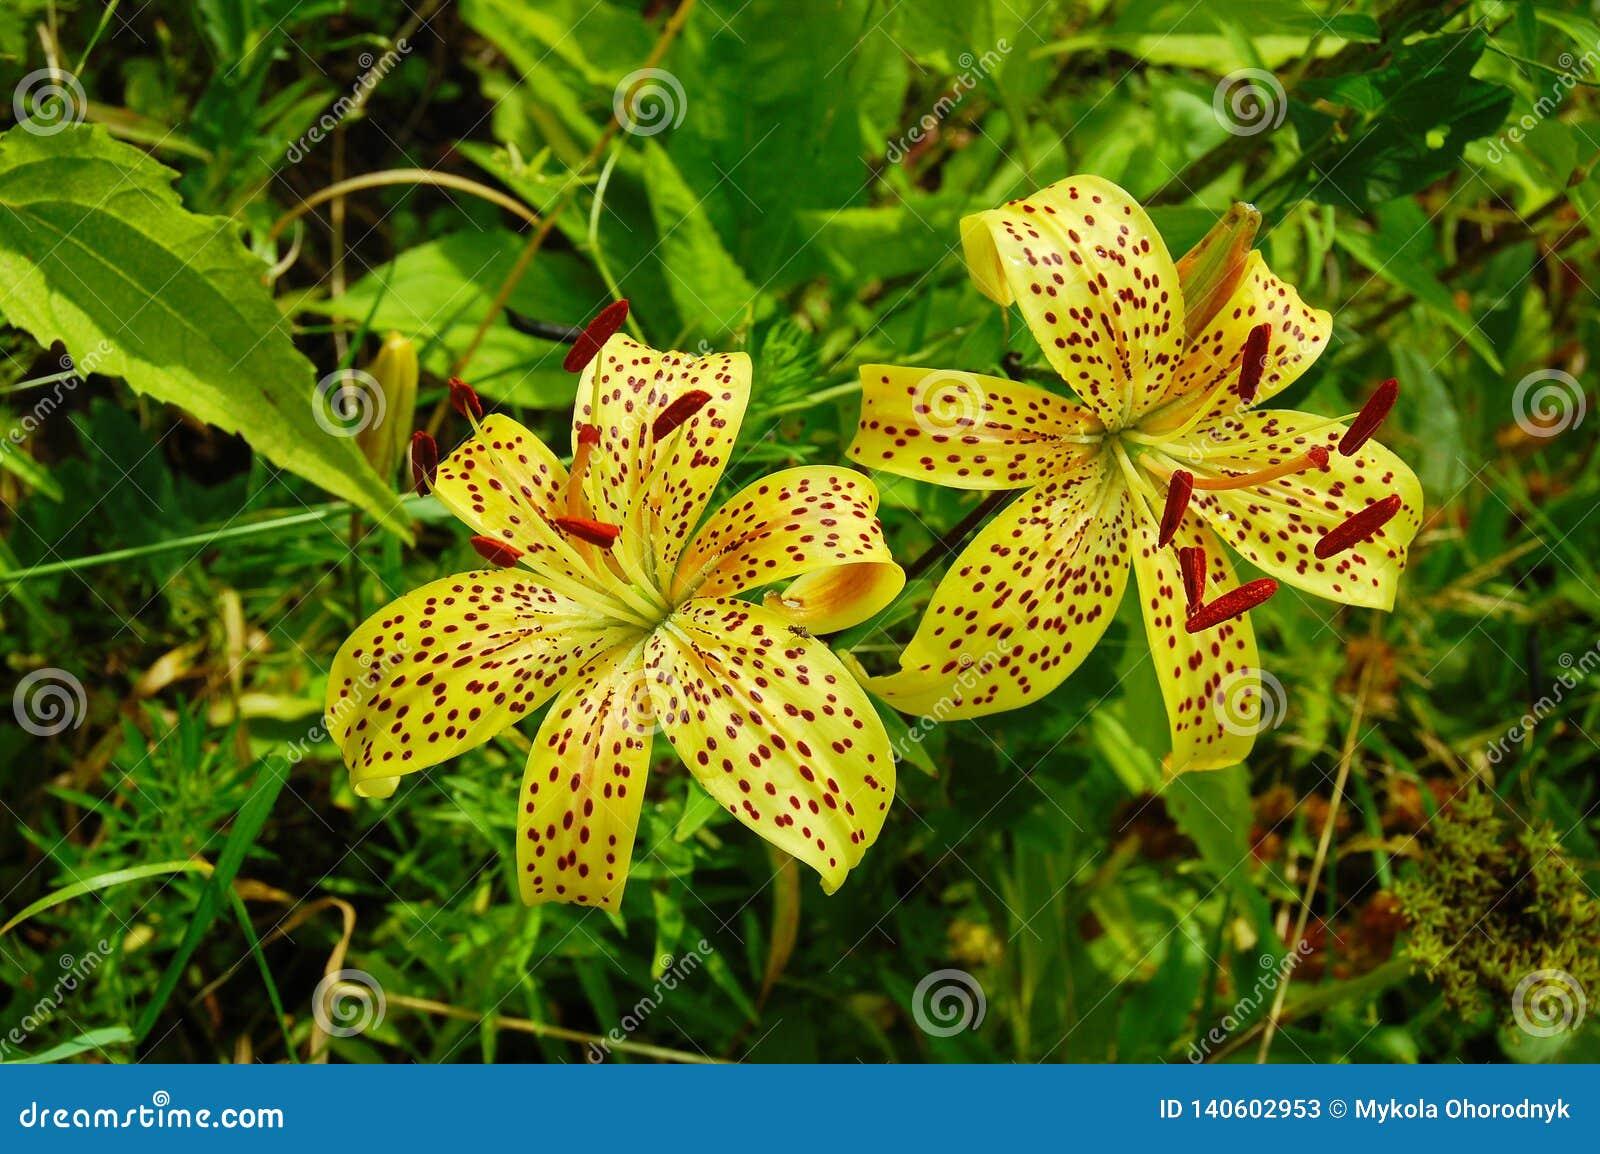 Två blommor av en gul daylily med mörka punkter